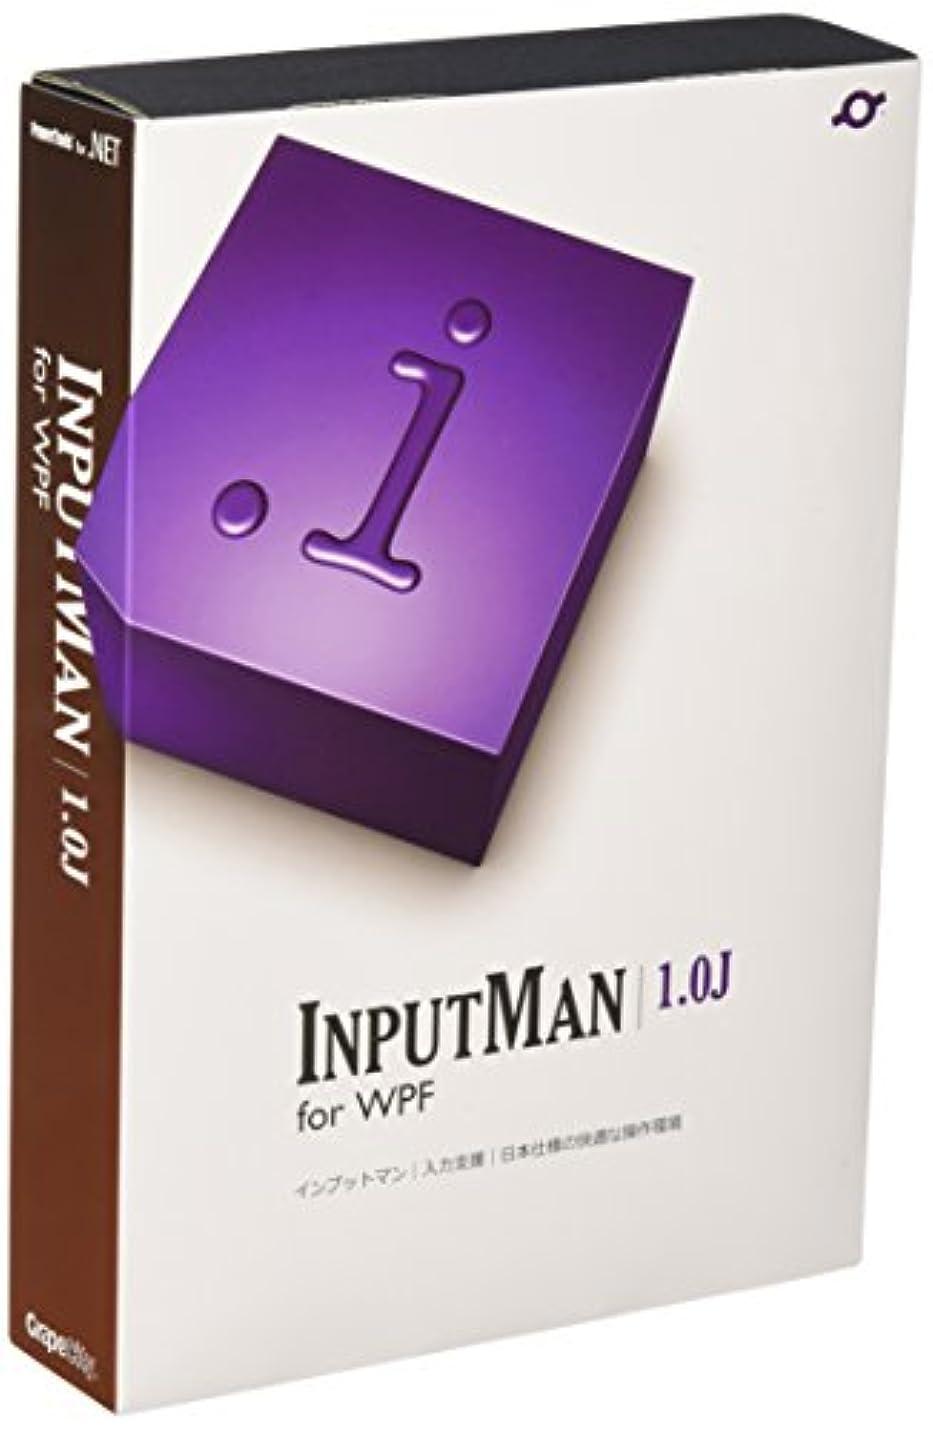 眠るアーティスト外国人InputMan for WPF 1.0J 1開発ライセンスパッケージ